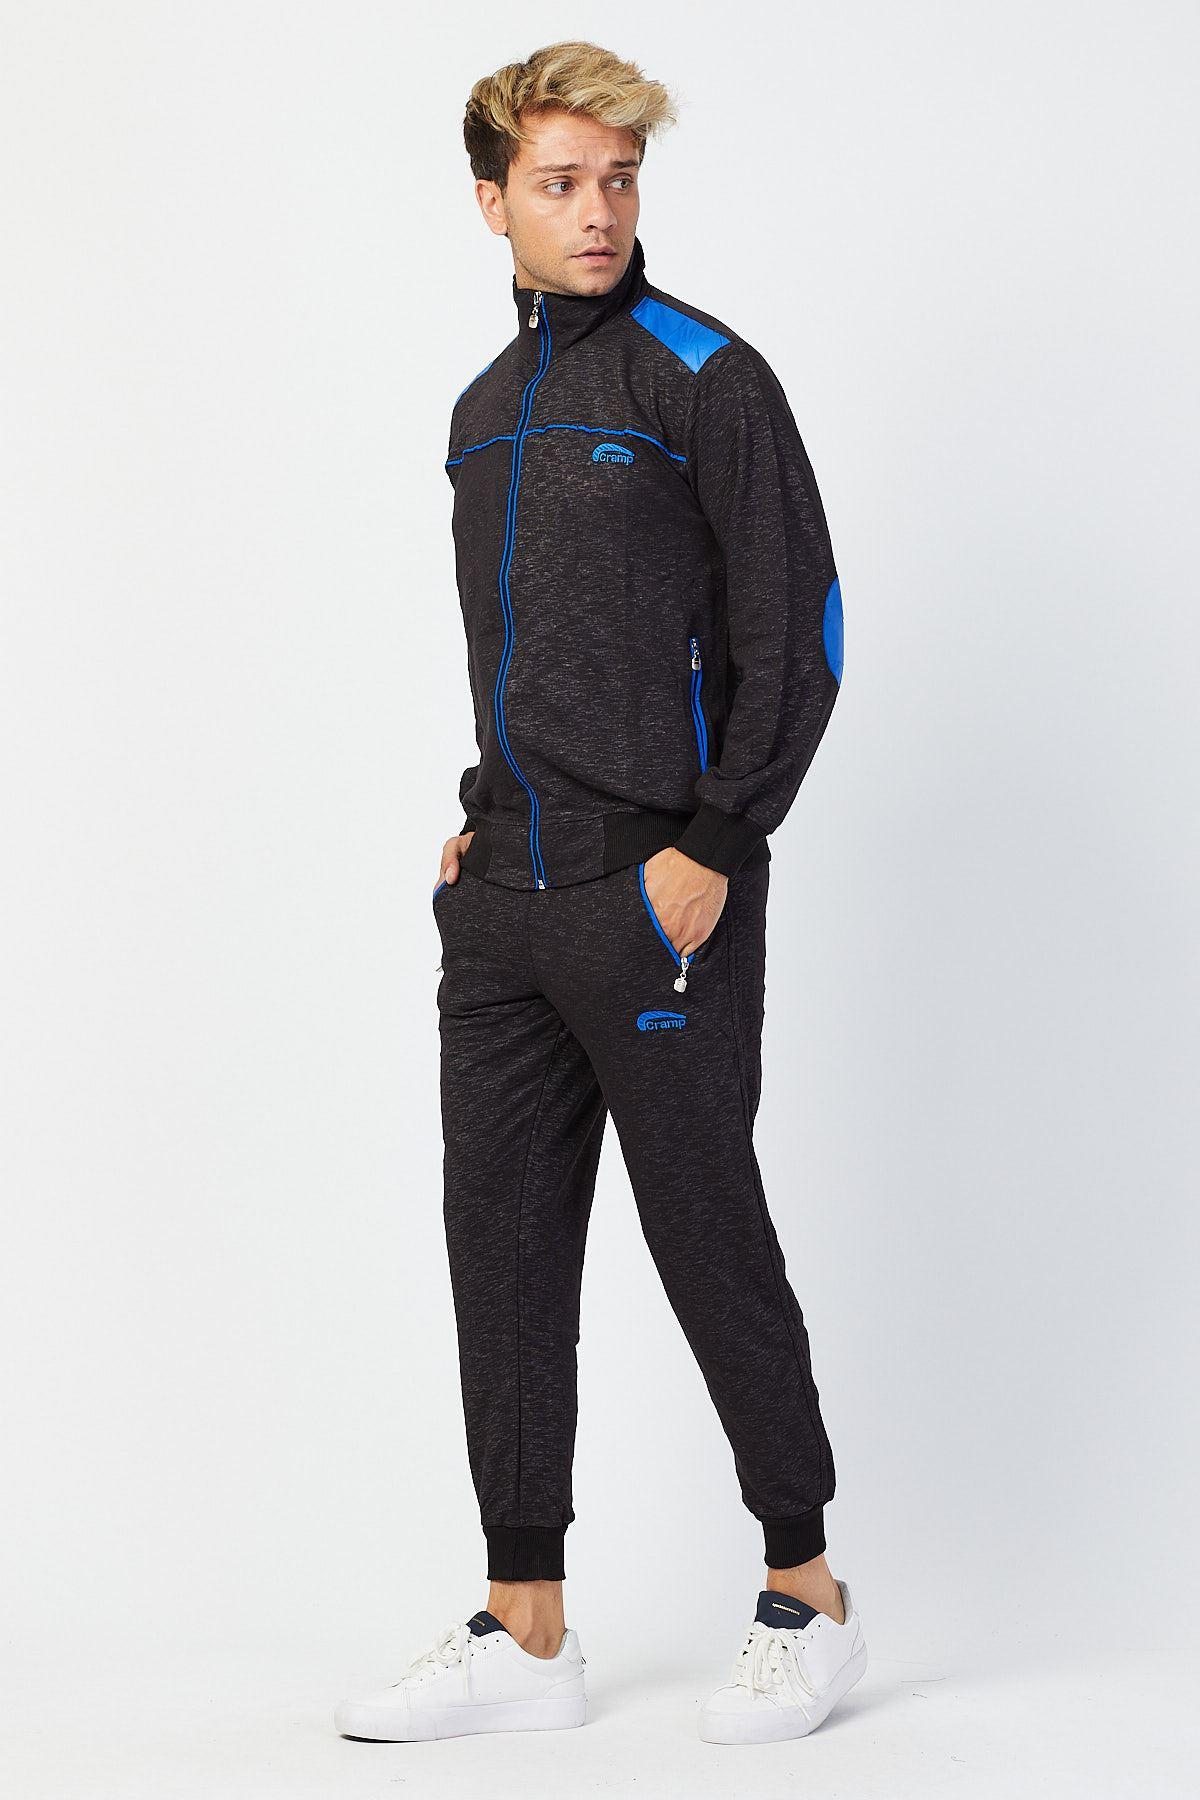 Siyah Erkek Beli Paçası Lastikli Detay Model Eşofman Takımı